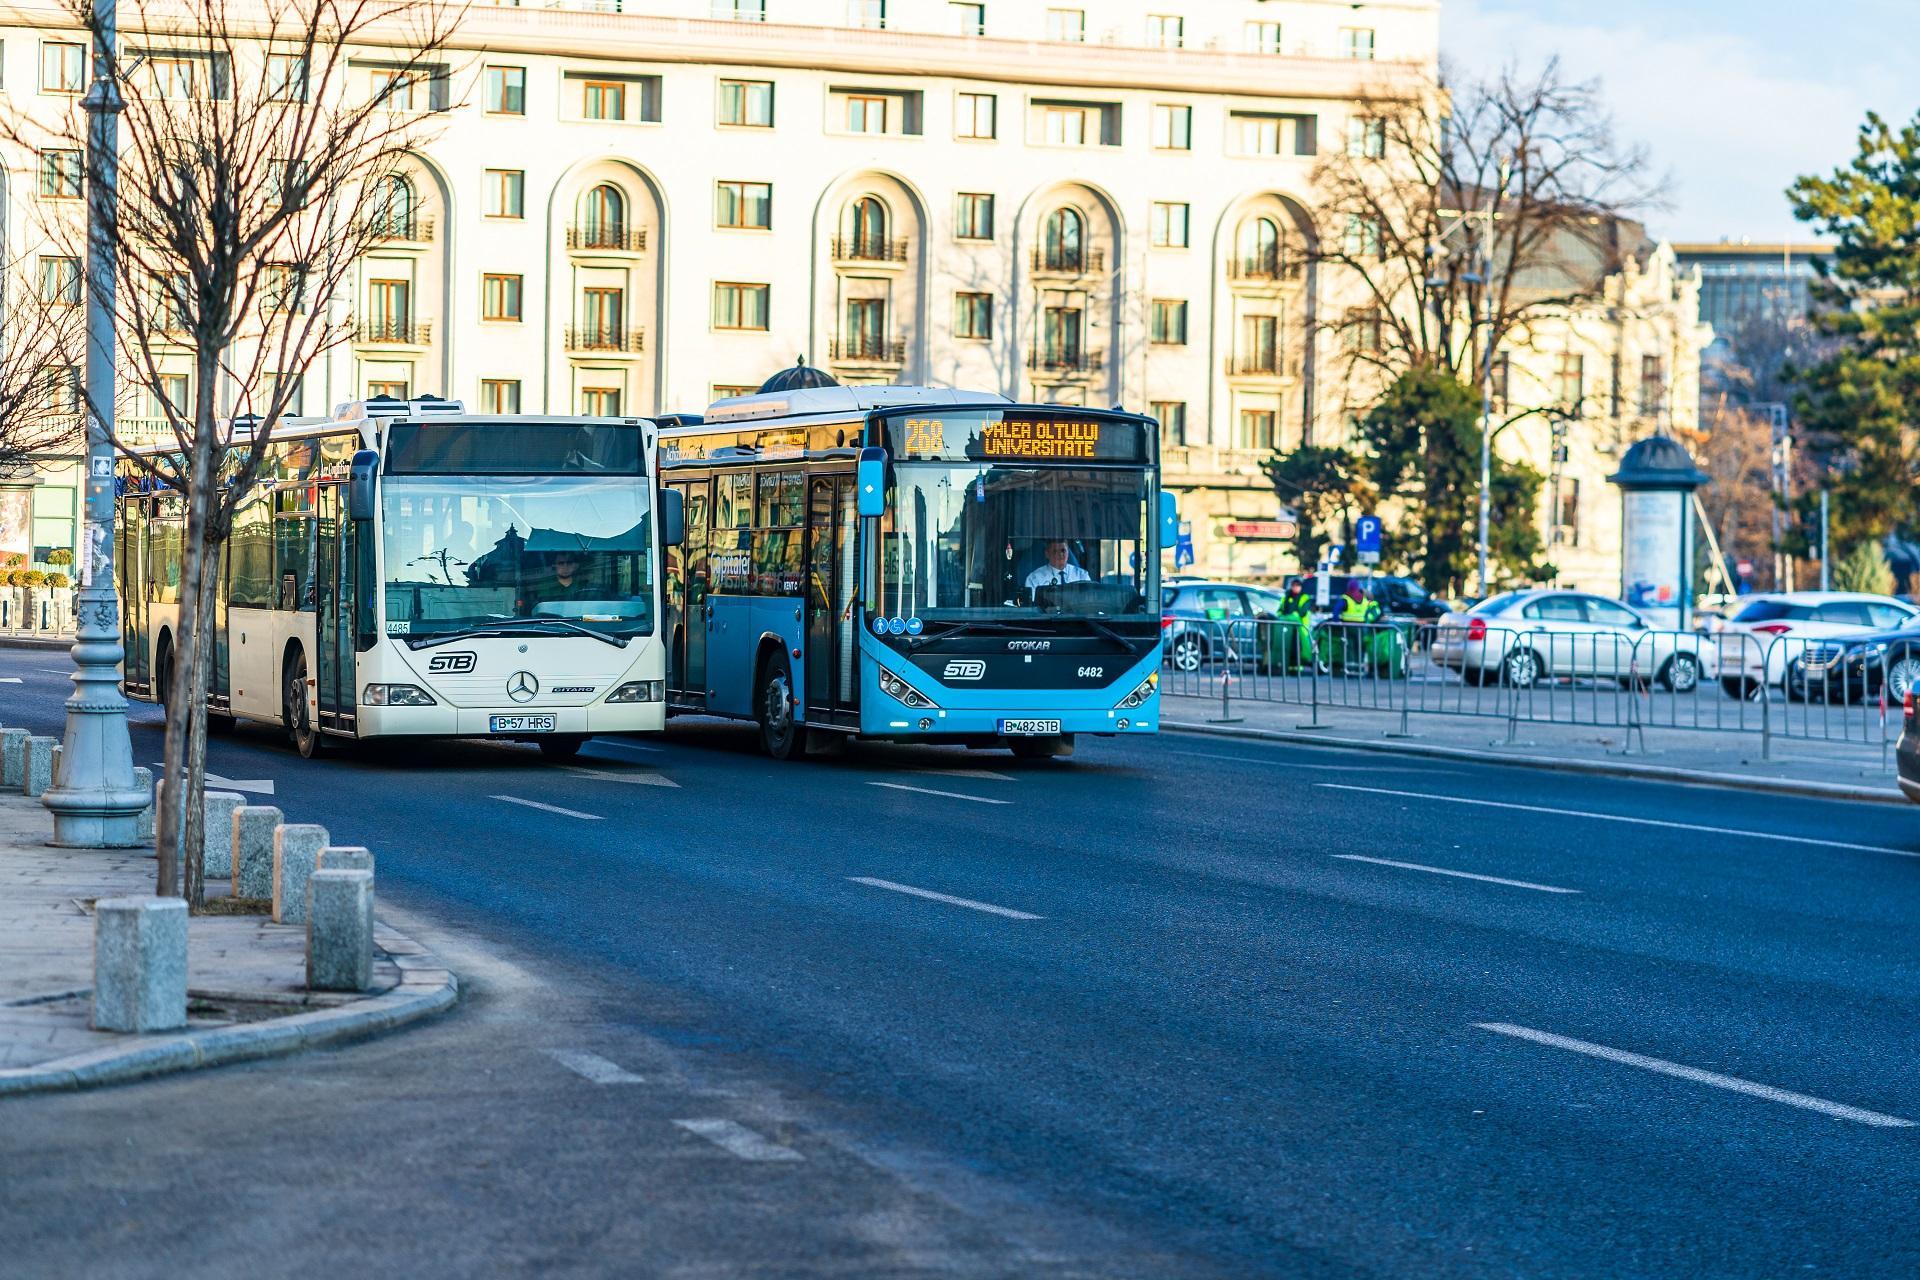 STB, amendată drastic în ultima lună! Nereguli majore găsite în serviciul de transport public din București. Ce au descoperit autoritățile